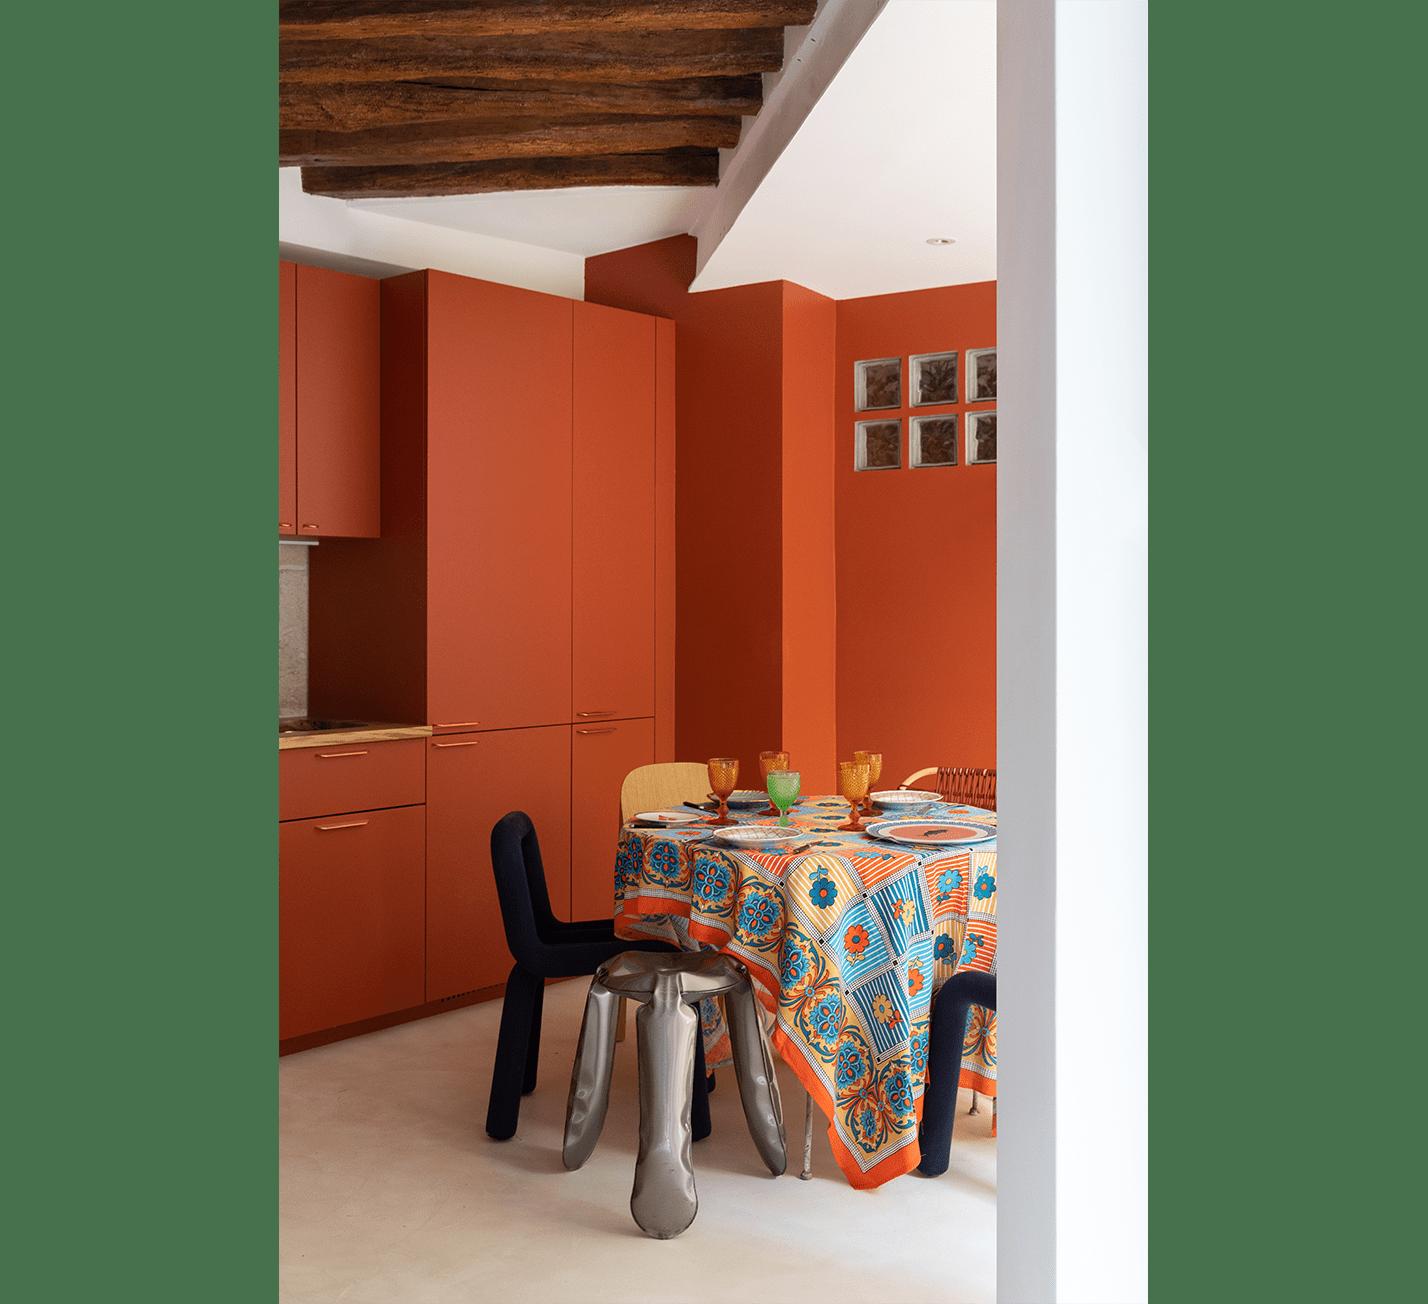 Projet-Gobelins-Atelier-Steve-Pauline-Borgia-Architecte-interieur-14-min